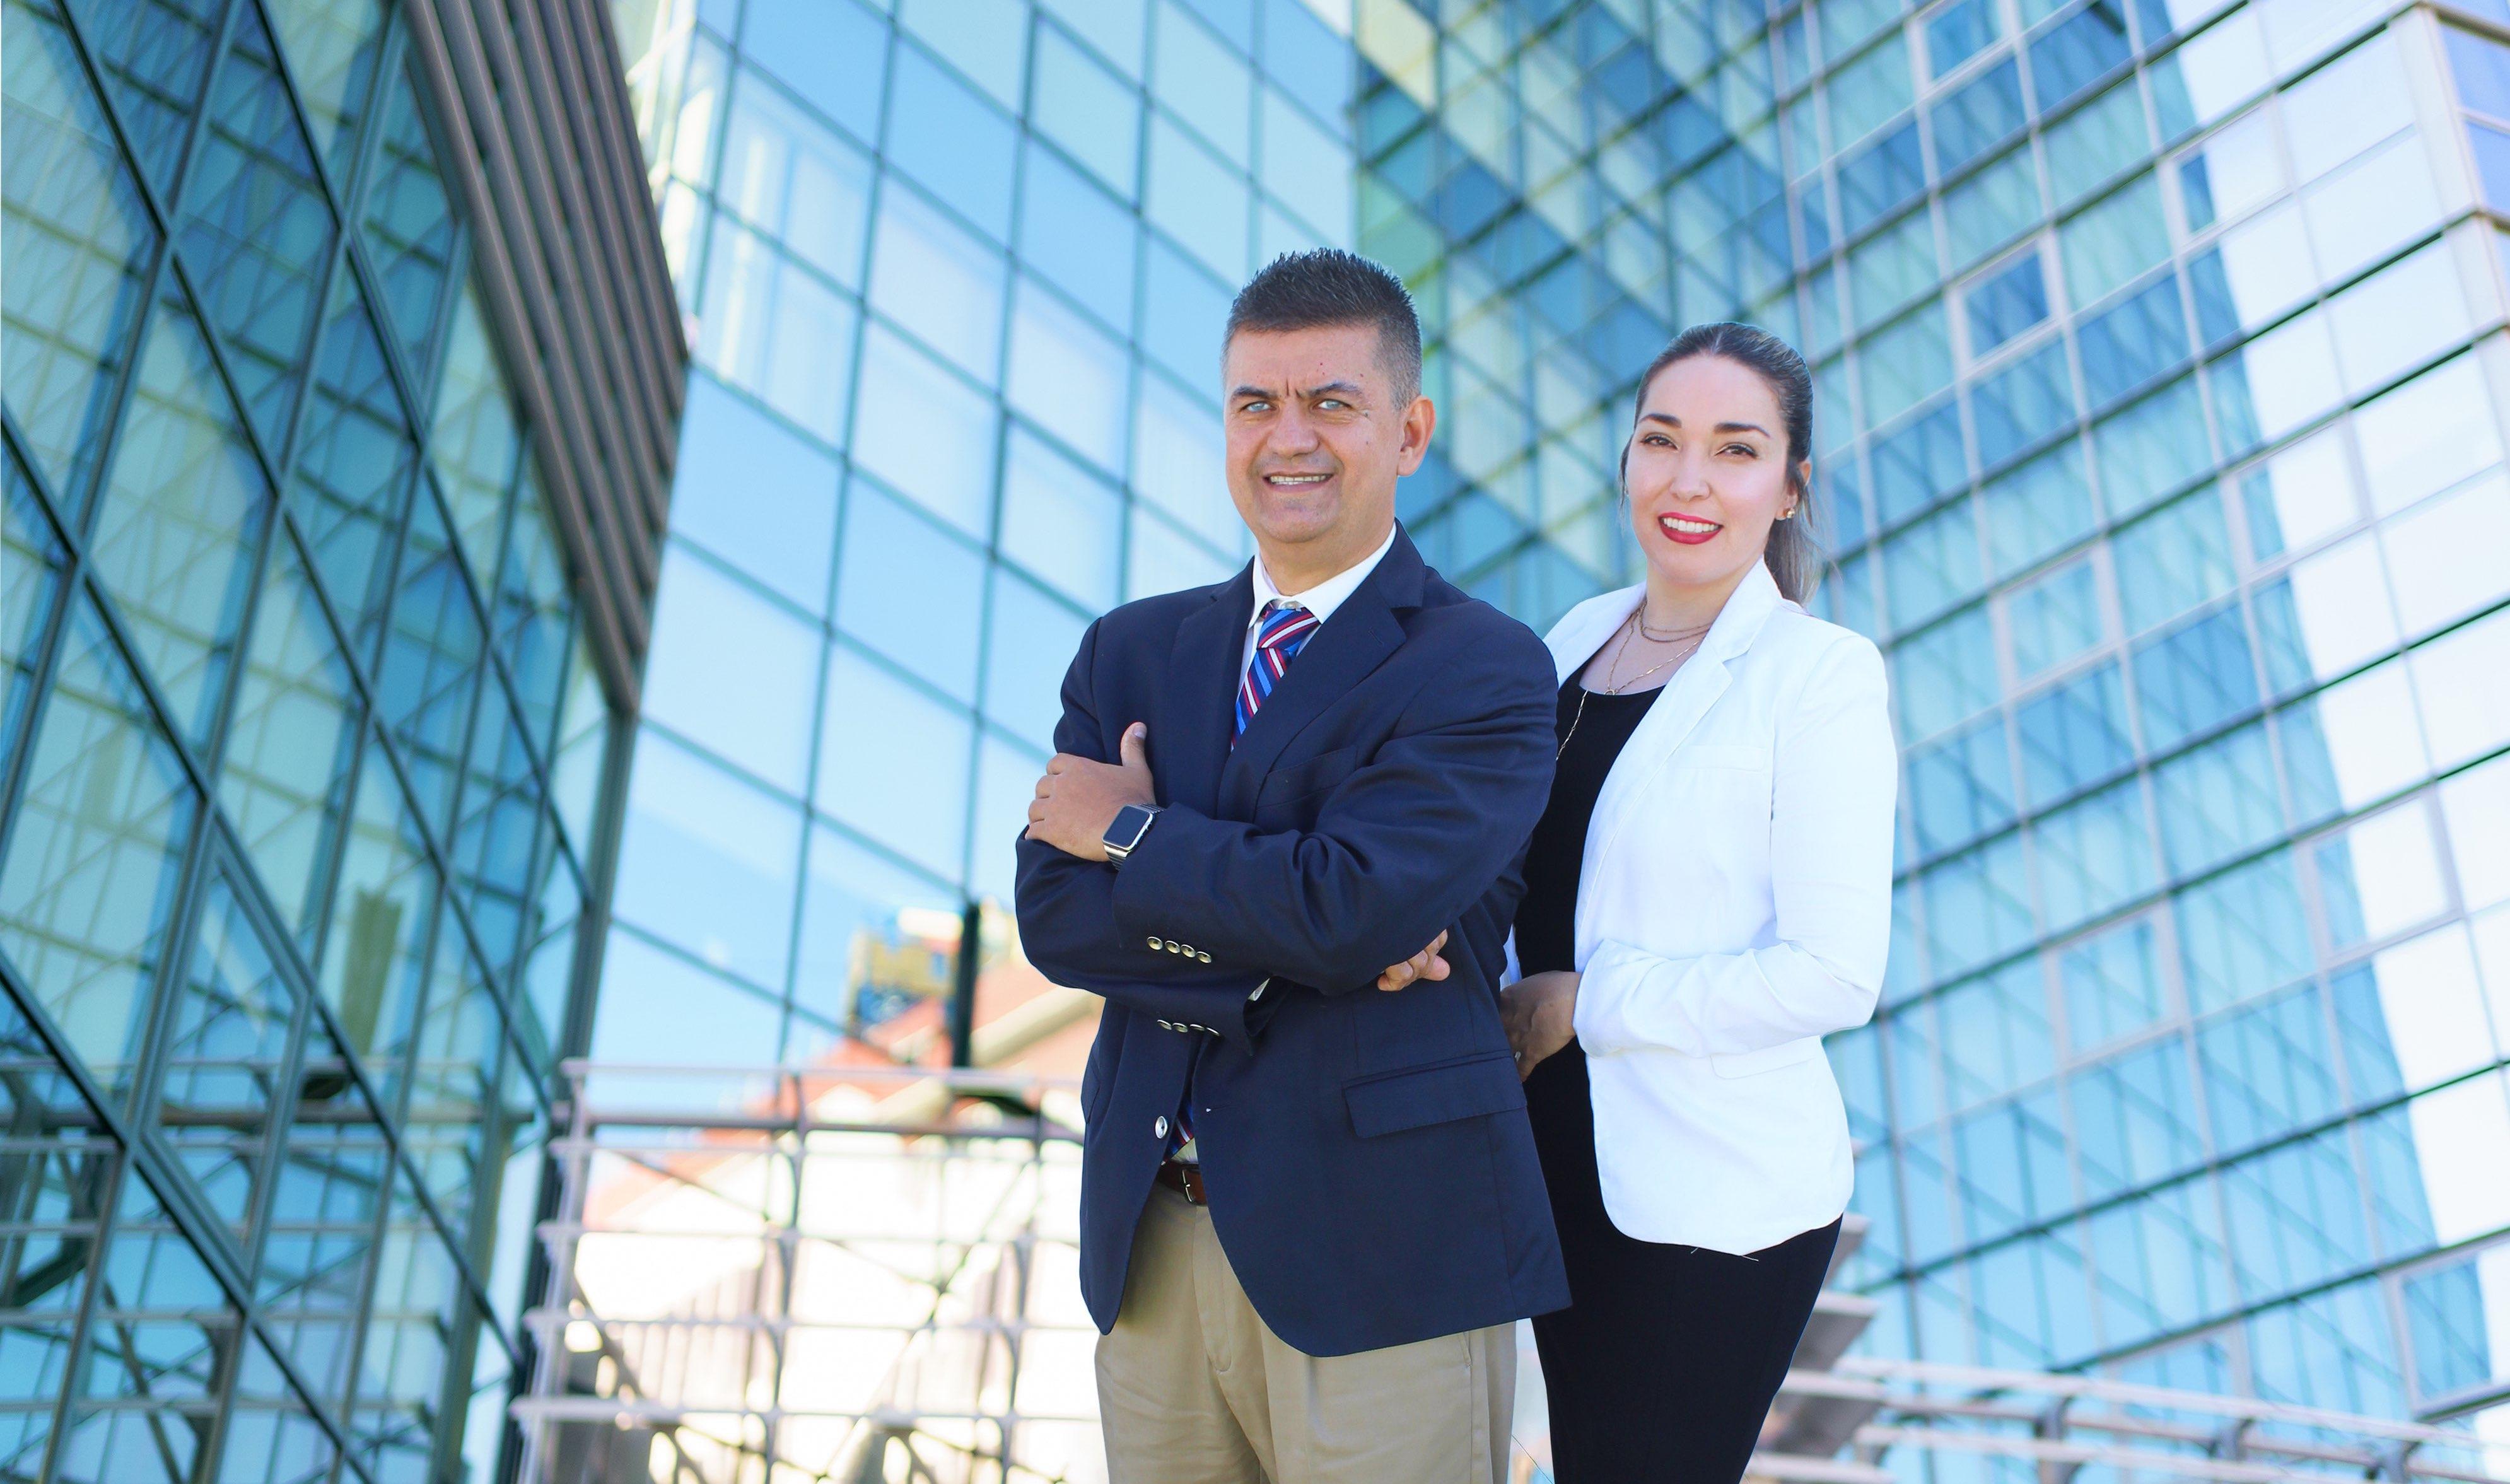 Administración de Siniestros: Entrevista con socios de la firma Gallbo